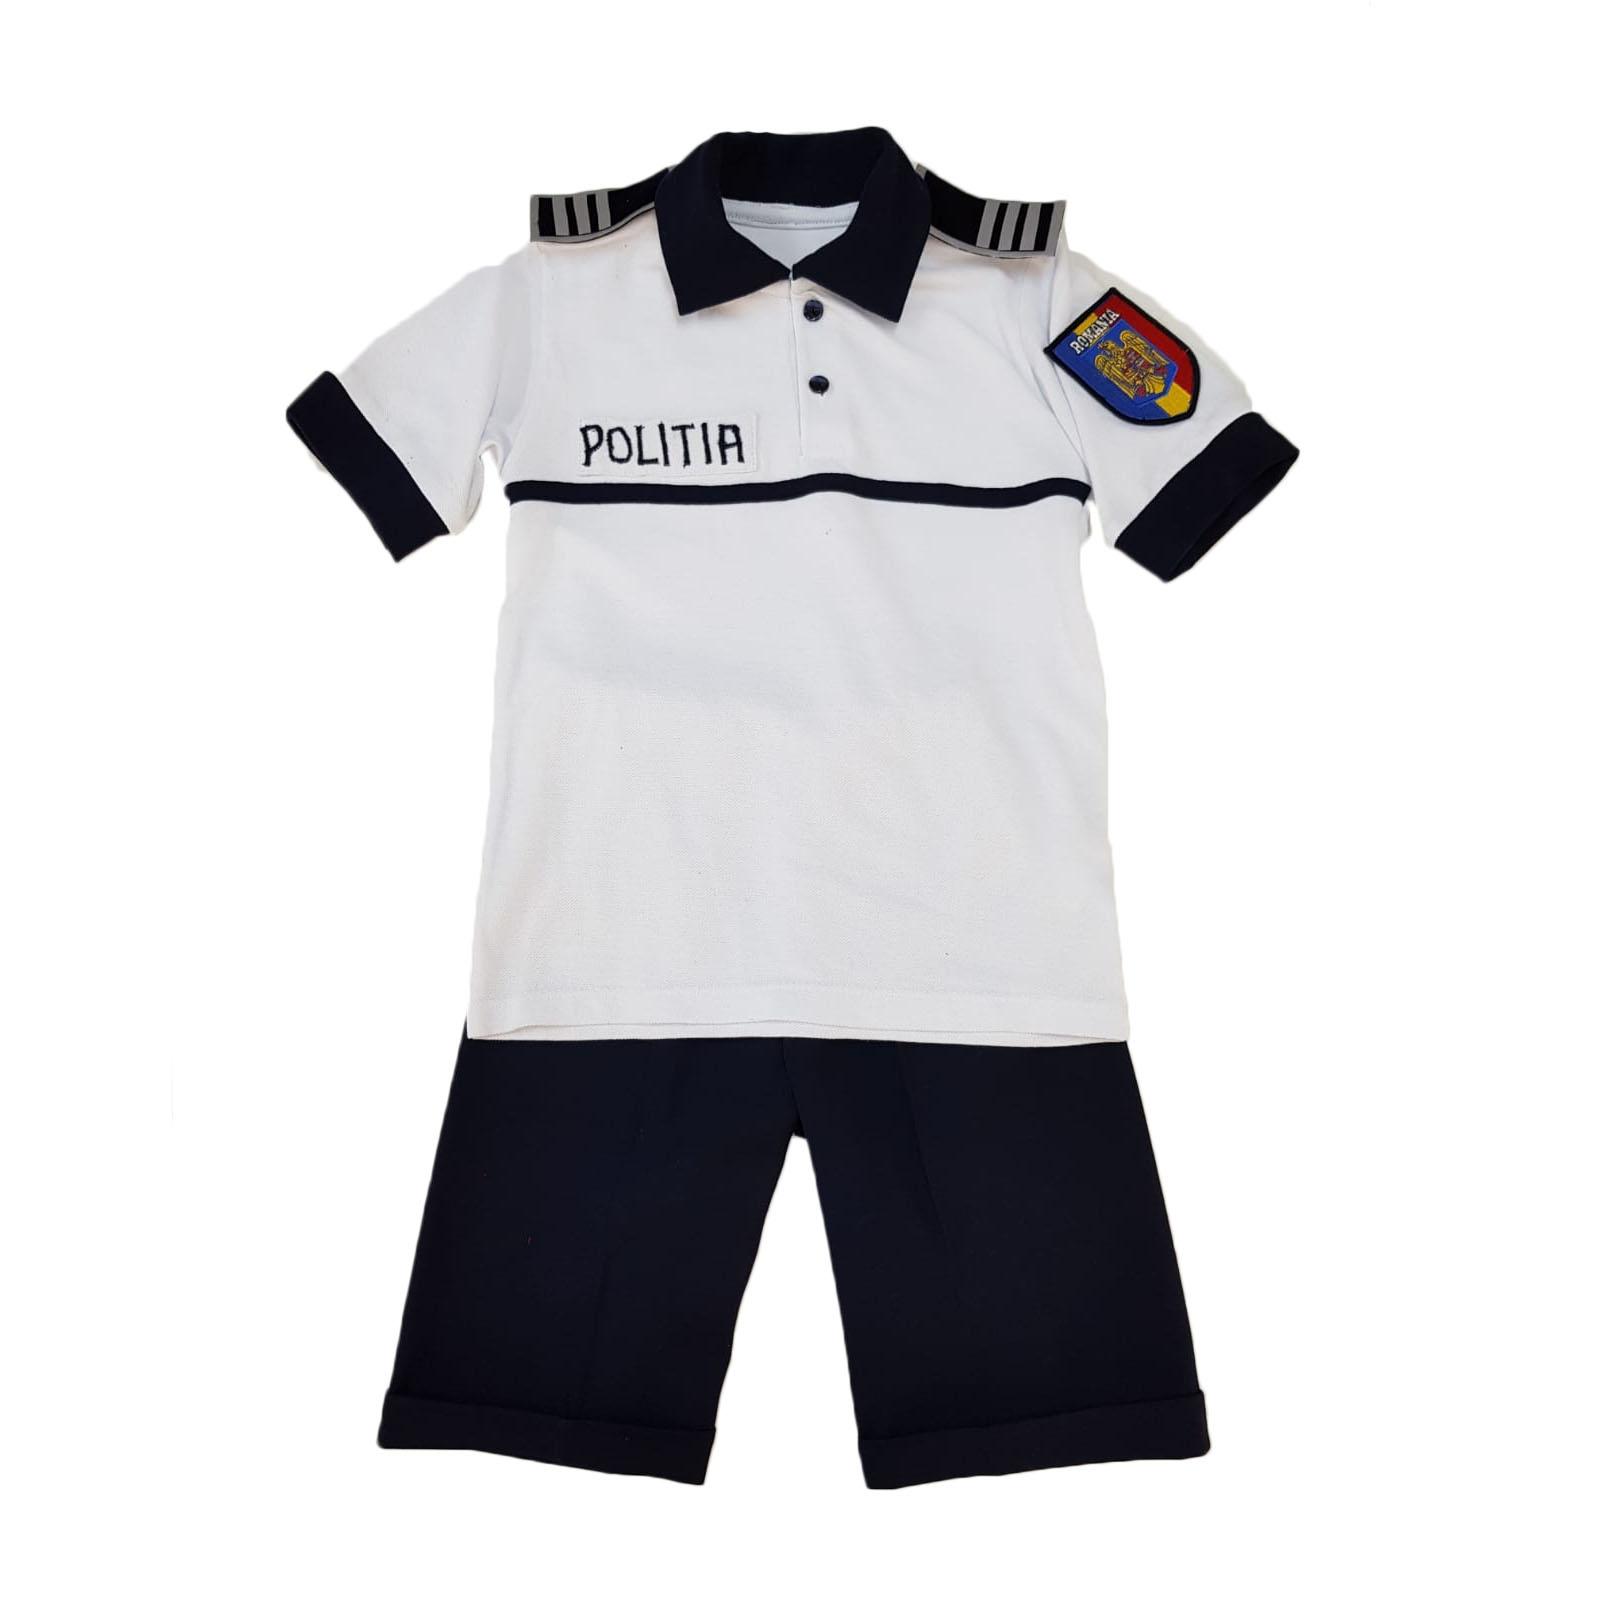 Costum politist copii- pentru vara 2